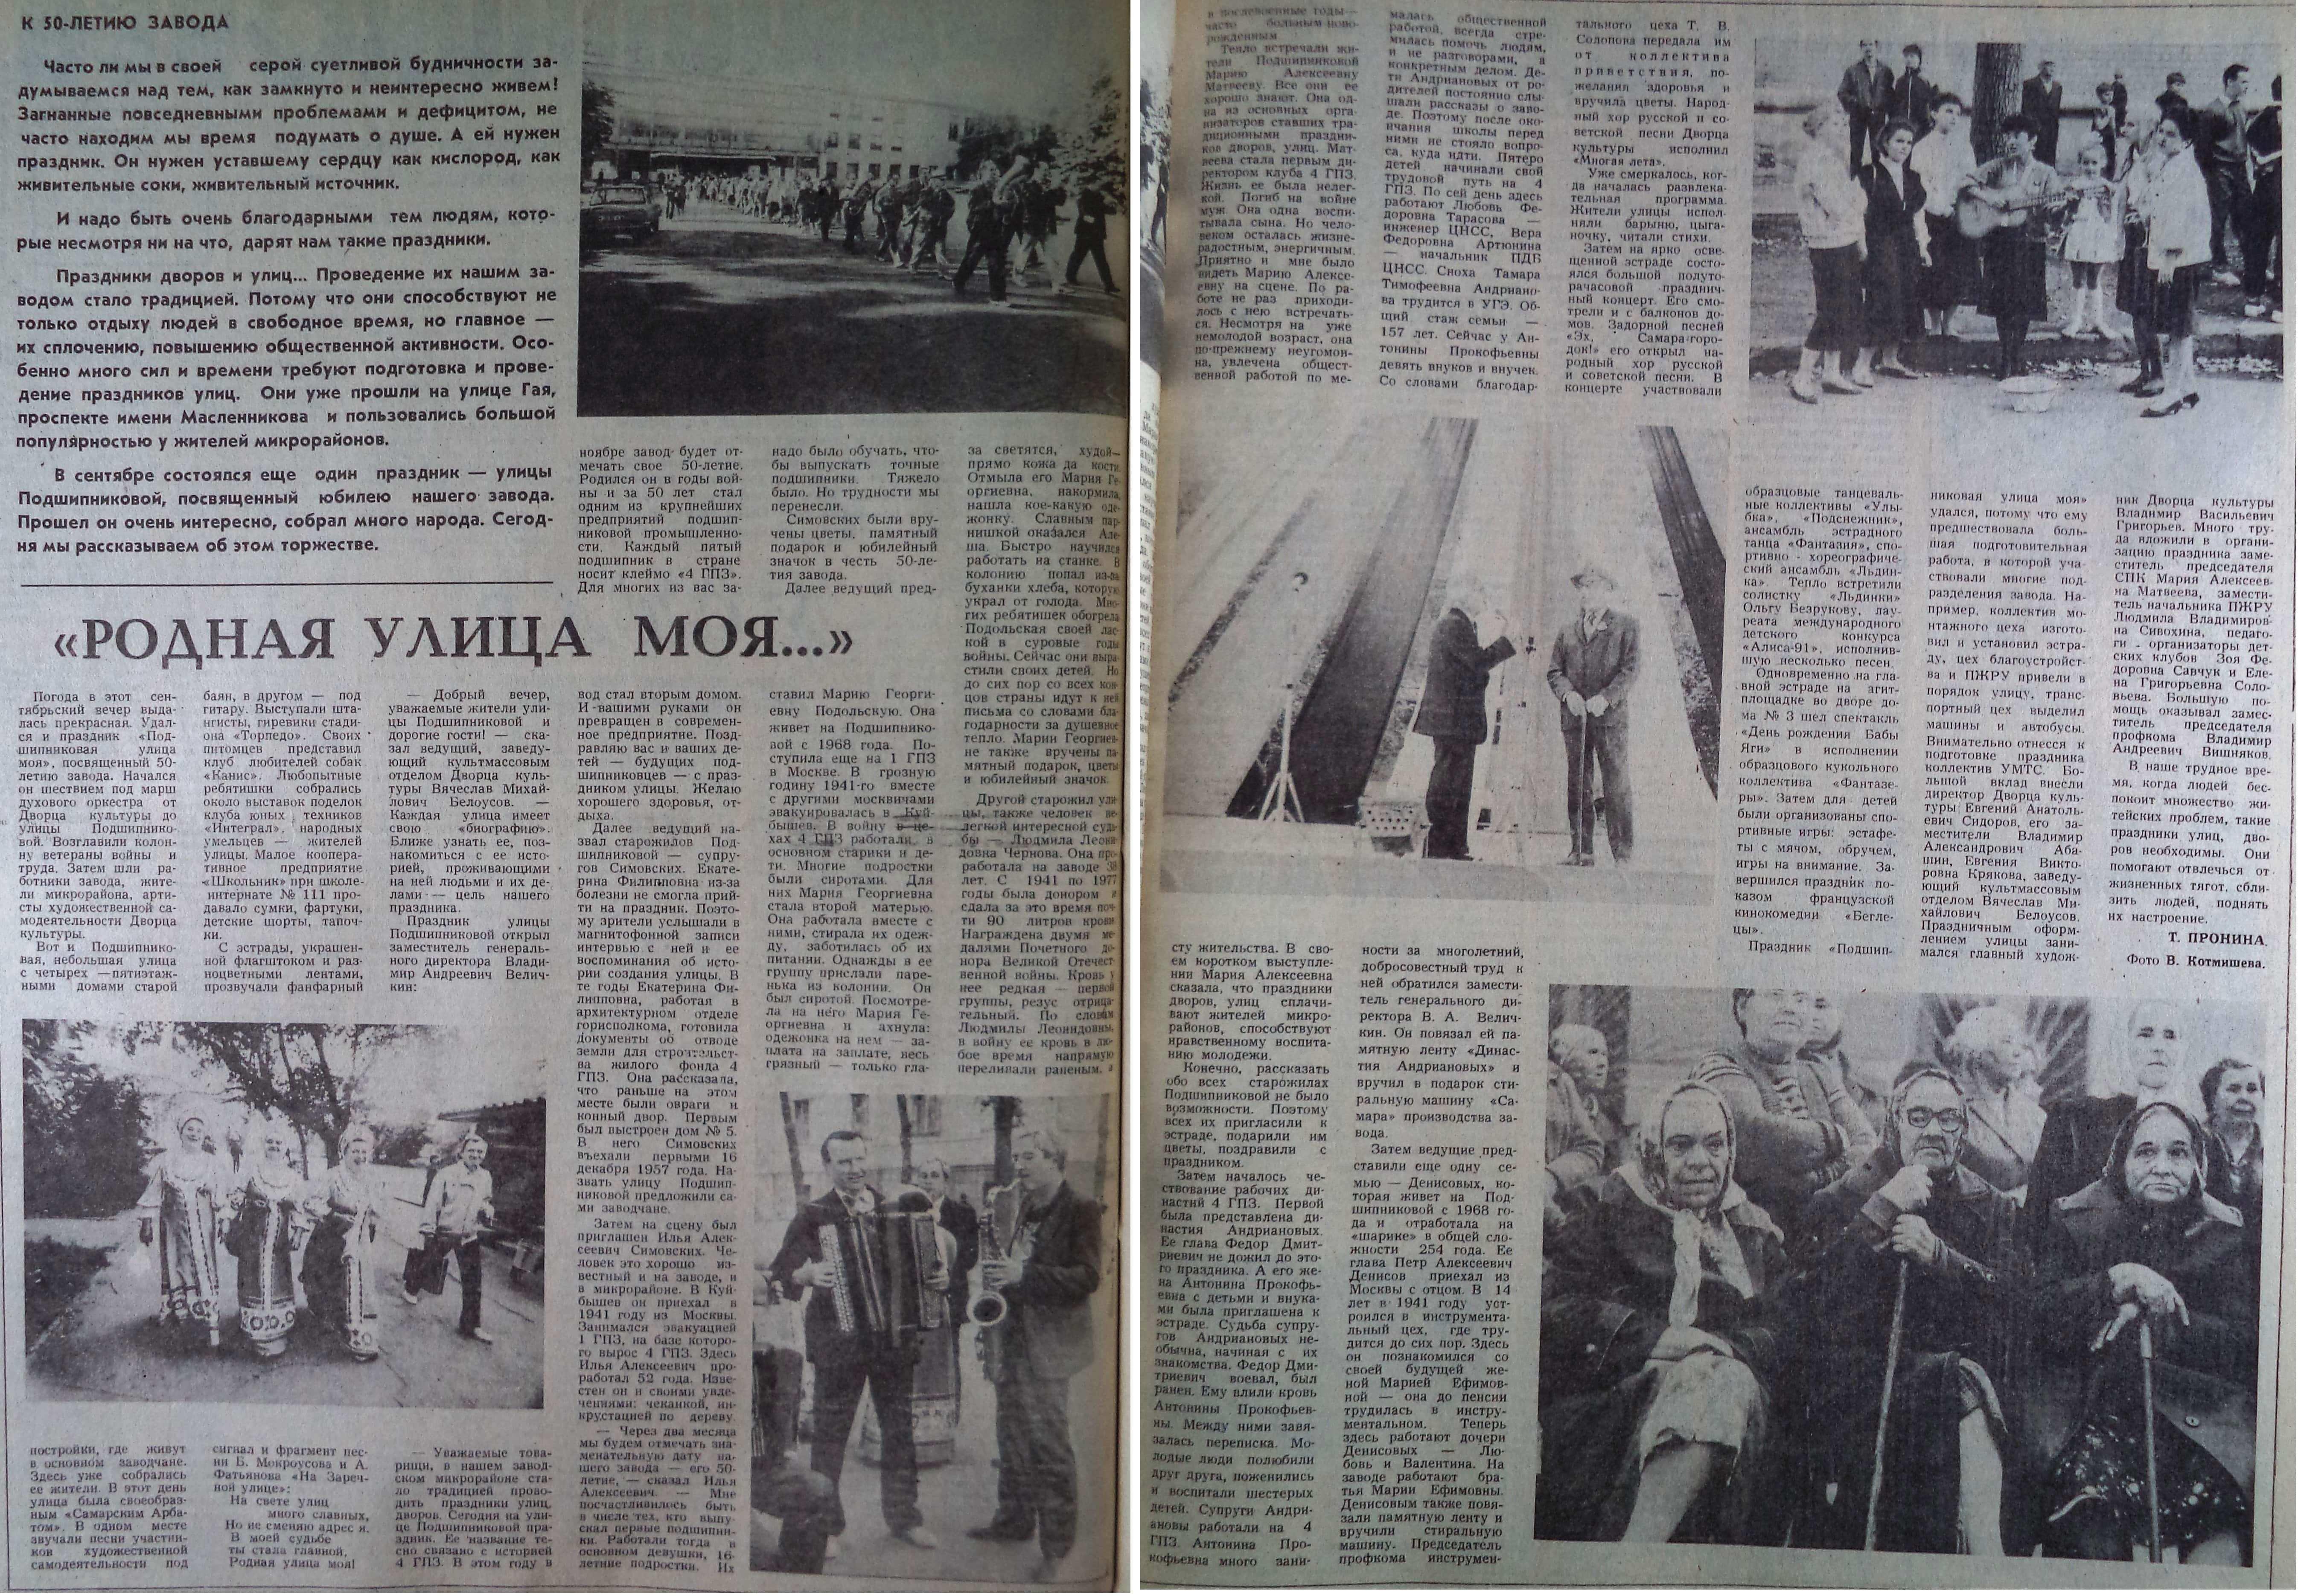 Подшипниковая-ФОТО-01-Красное Знамя-1991-24 сентября